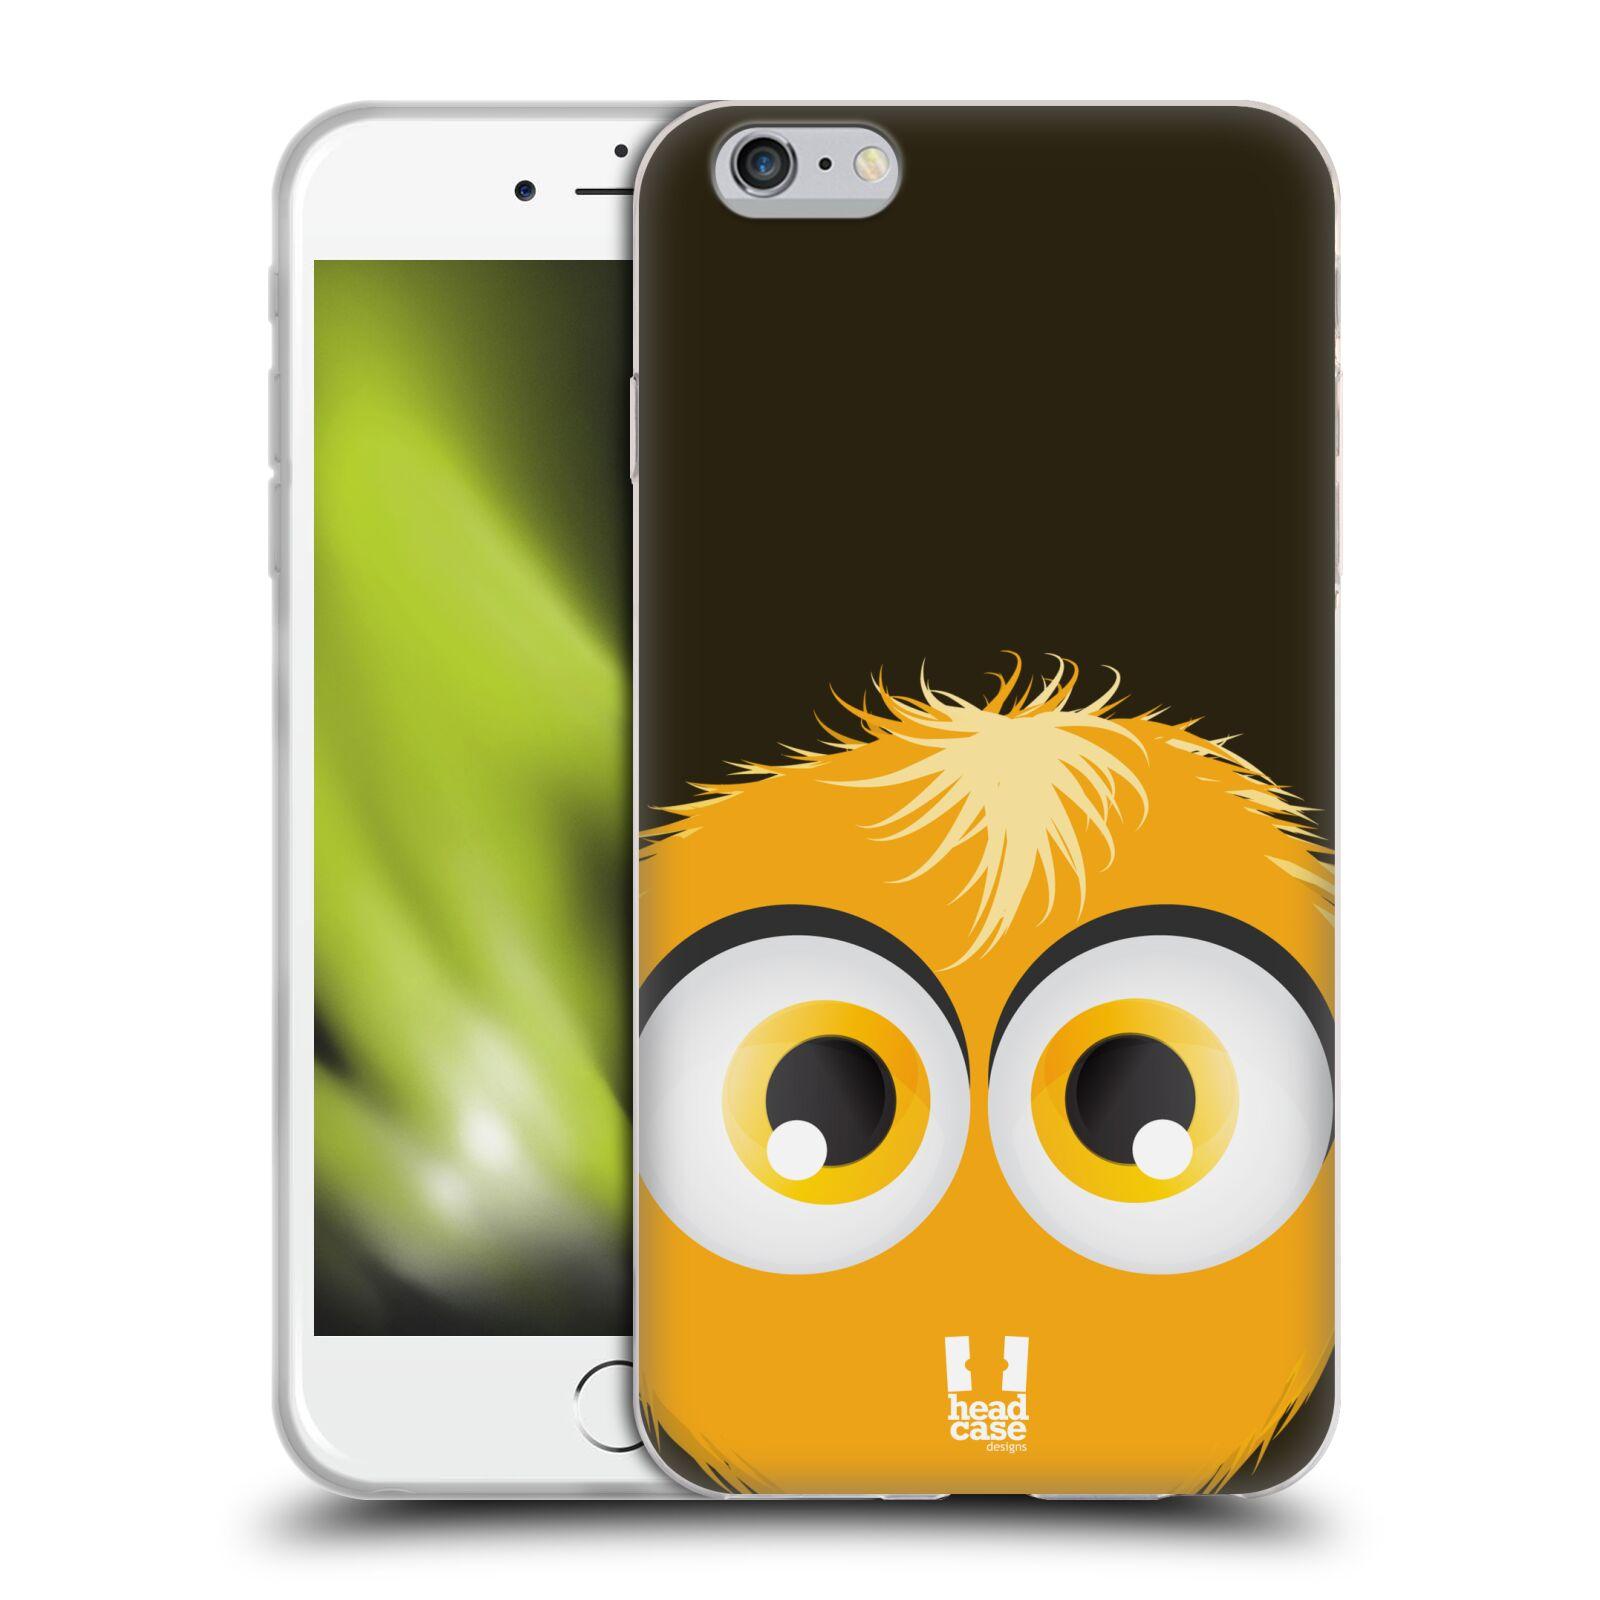 HEAD CASE silikonový obal na mobil Apple Iphone 6 PLUS  6S PLUS vzor  Barevný chlupatý smajlík ŽLUTÁ BARVA 4a6ed47e30d